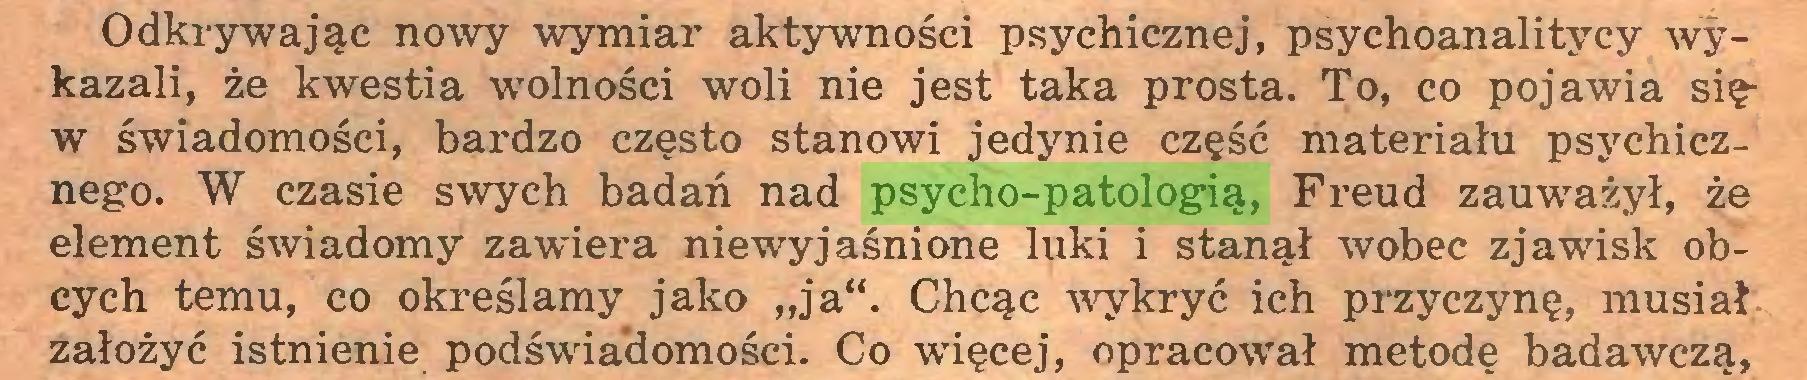 """(...) Odkrywając nowy wymiar aktywności psychicznej, psychoanalitycy wykazali, że kwestia wolności woli nie jest taka prosta. To, co pojawia sięw świadomości, bardzo często stanowi jedynie część materiału psychicznego. W czasie swych badań nad psycho-patologią, Freud zauważył, że element świadomy zawiera niewyjaśnione luki i stanął wobec zjawisk obcych temu, co określamy jako """"ja"""". Chcąc wykryć ich przyczynę, musiał założyć istnienie podświadomości. Co więcej, opracował metodę badawczą,..."""